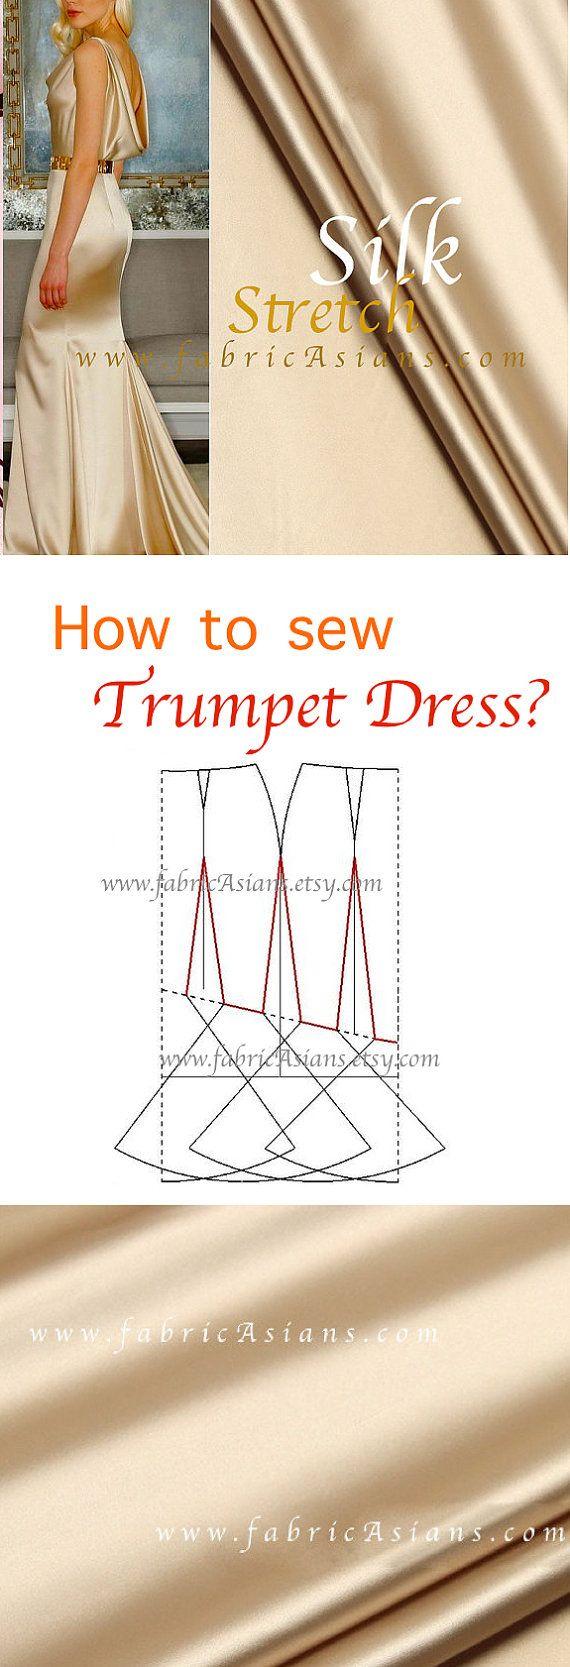 how to sew trumpet dress pattern free pdf